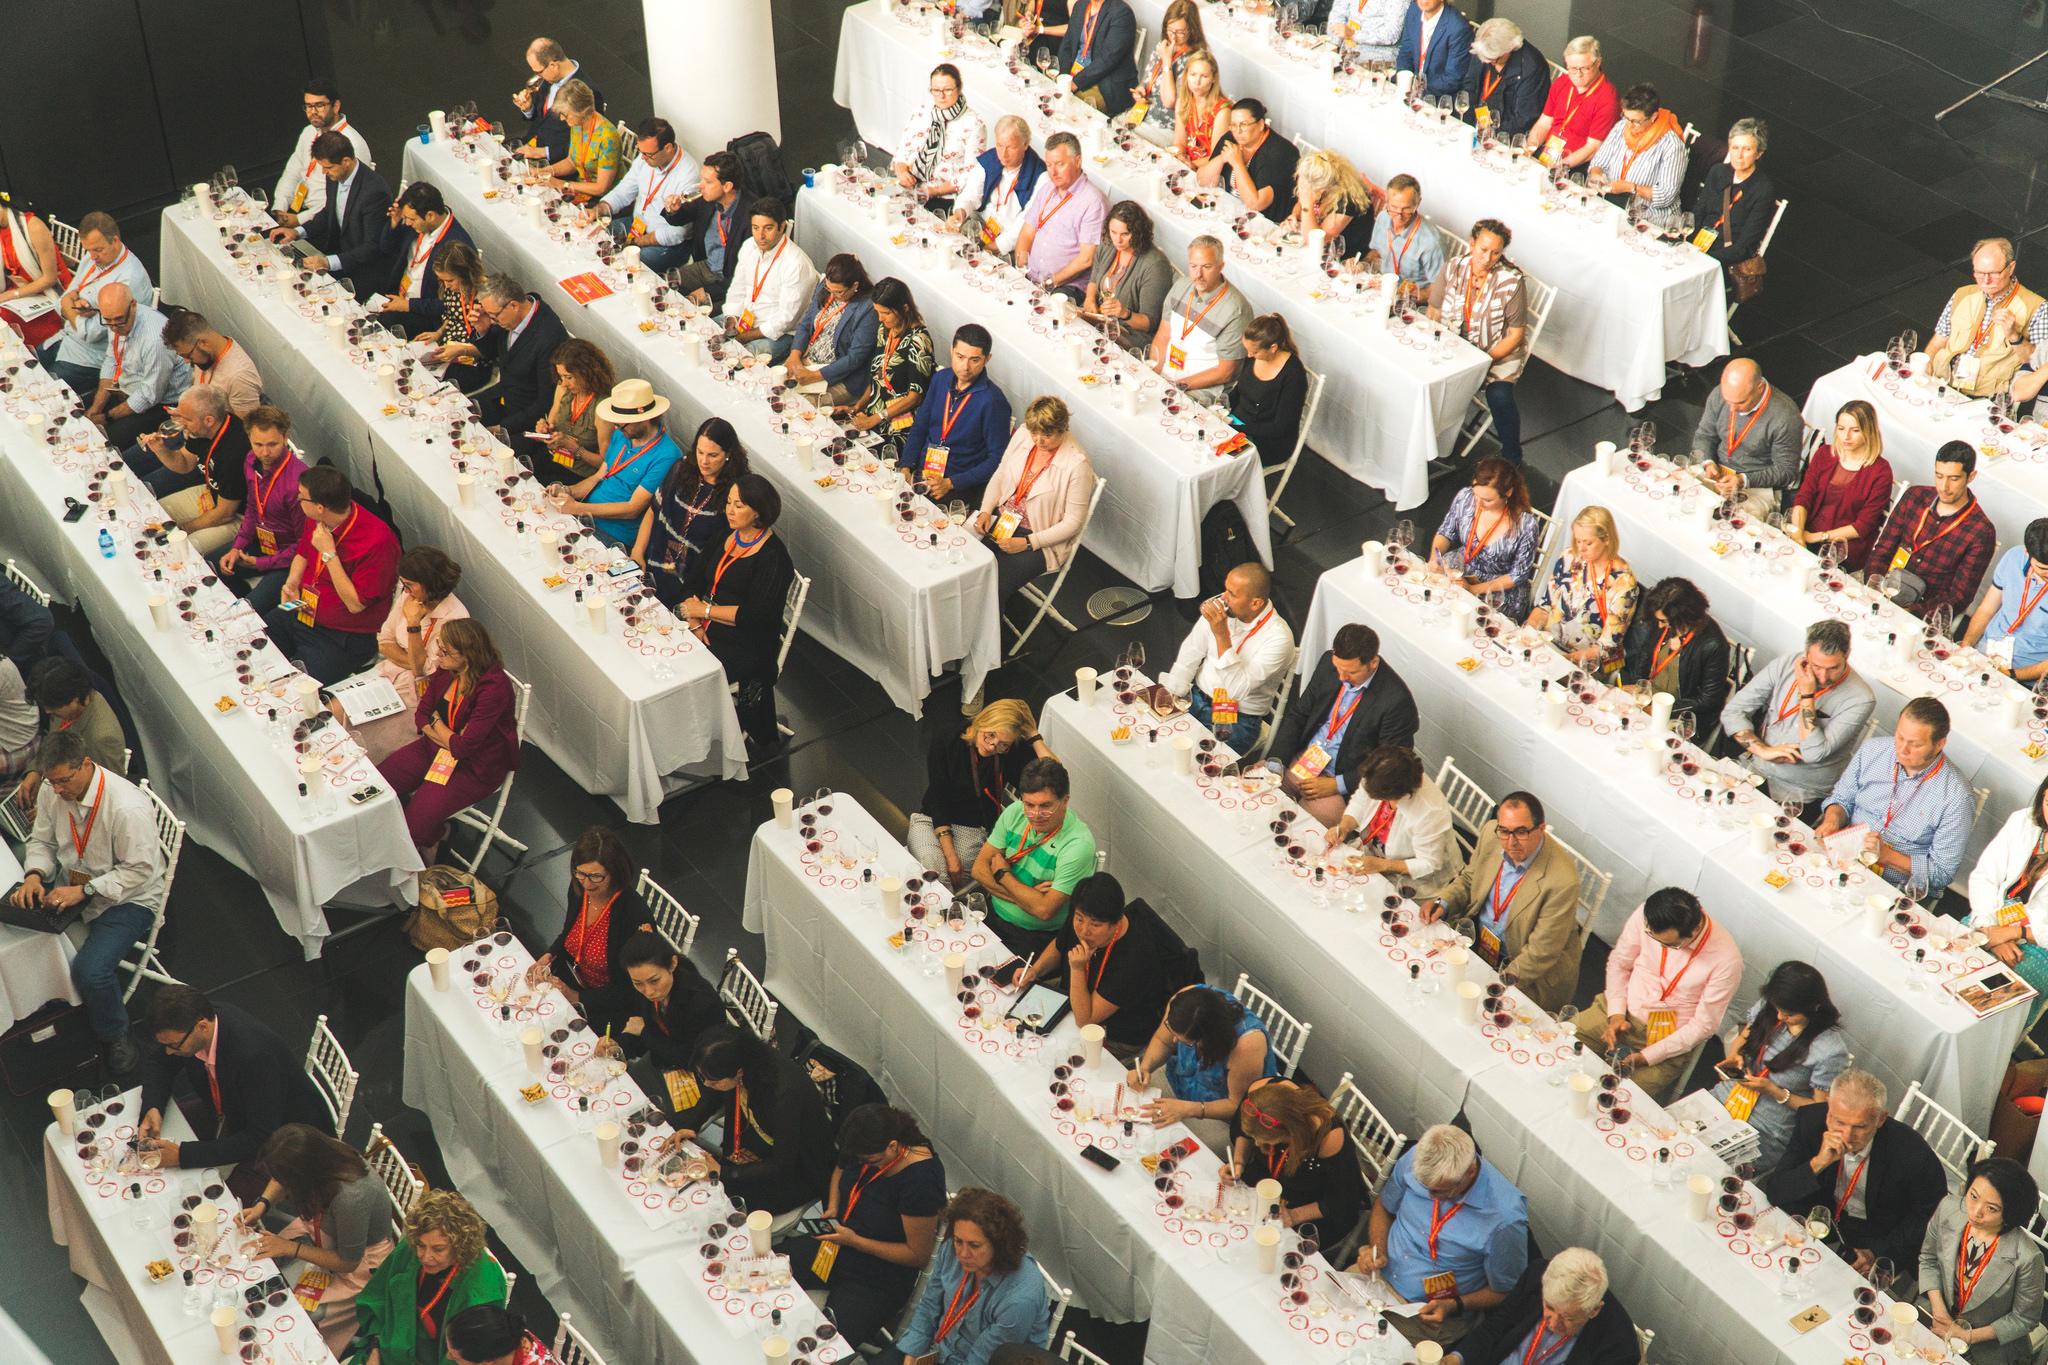 tasting audience.jpg